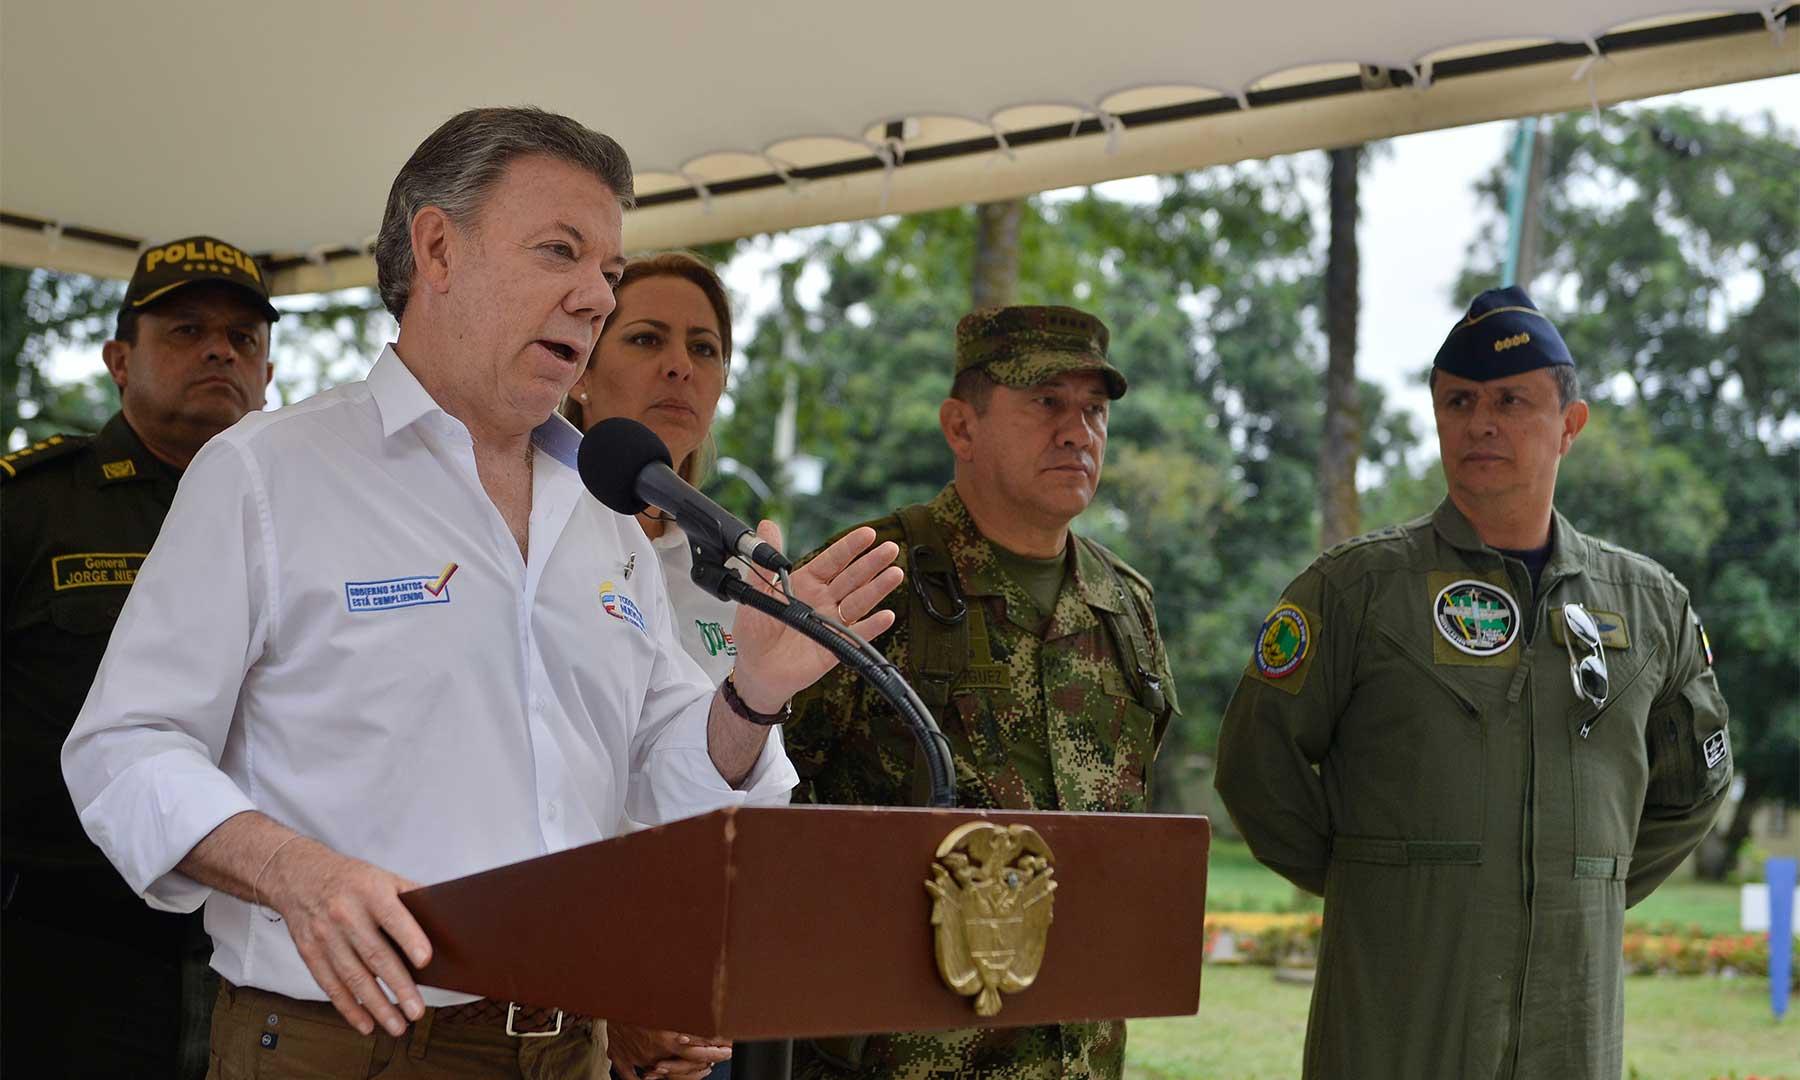 """El Presidente Juan Manuel Santos calificó como una muy buena noticia la firma de los protocolos y anexos del acuerdo sobre """"Cese al Fuego y de Hostilidades Bilateral y Definitivo y Dejación de las Armas"""" entre el Gobierno y las Farc."""